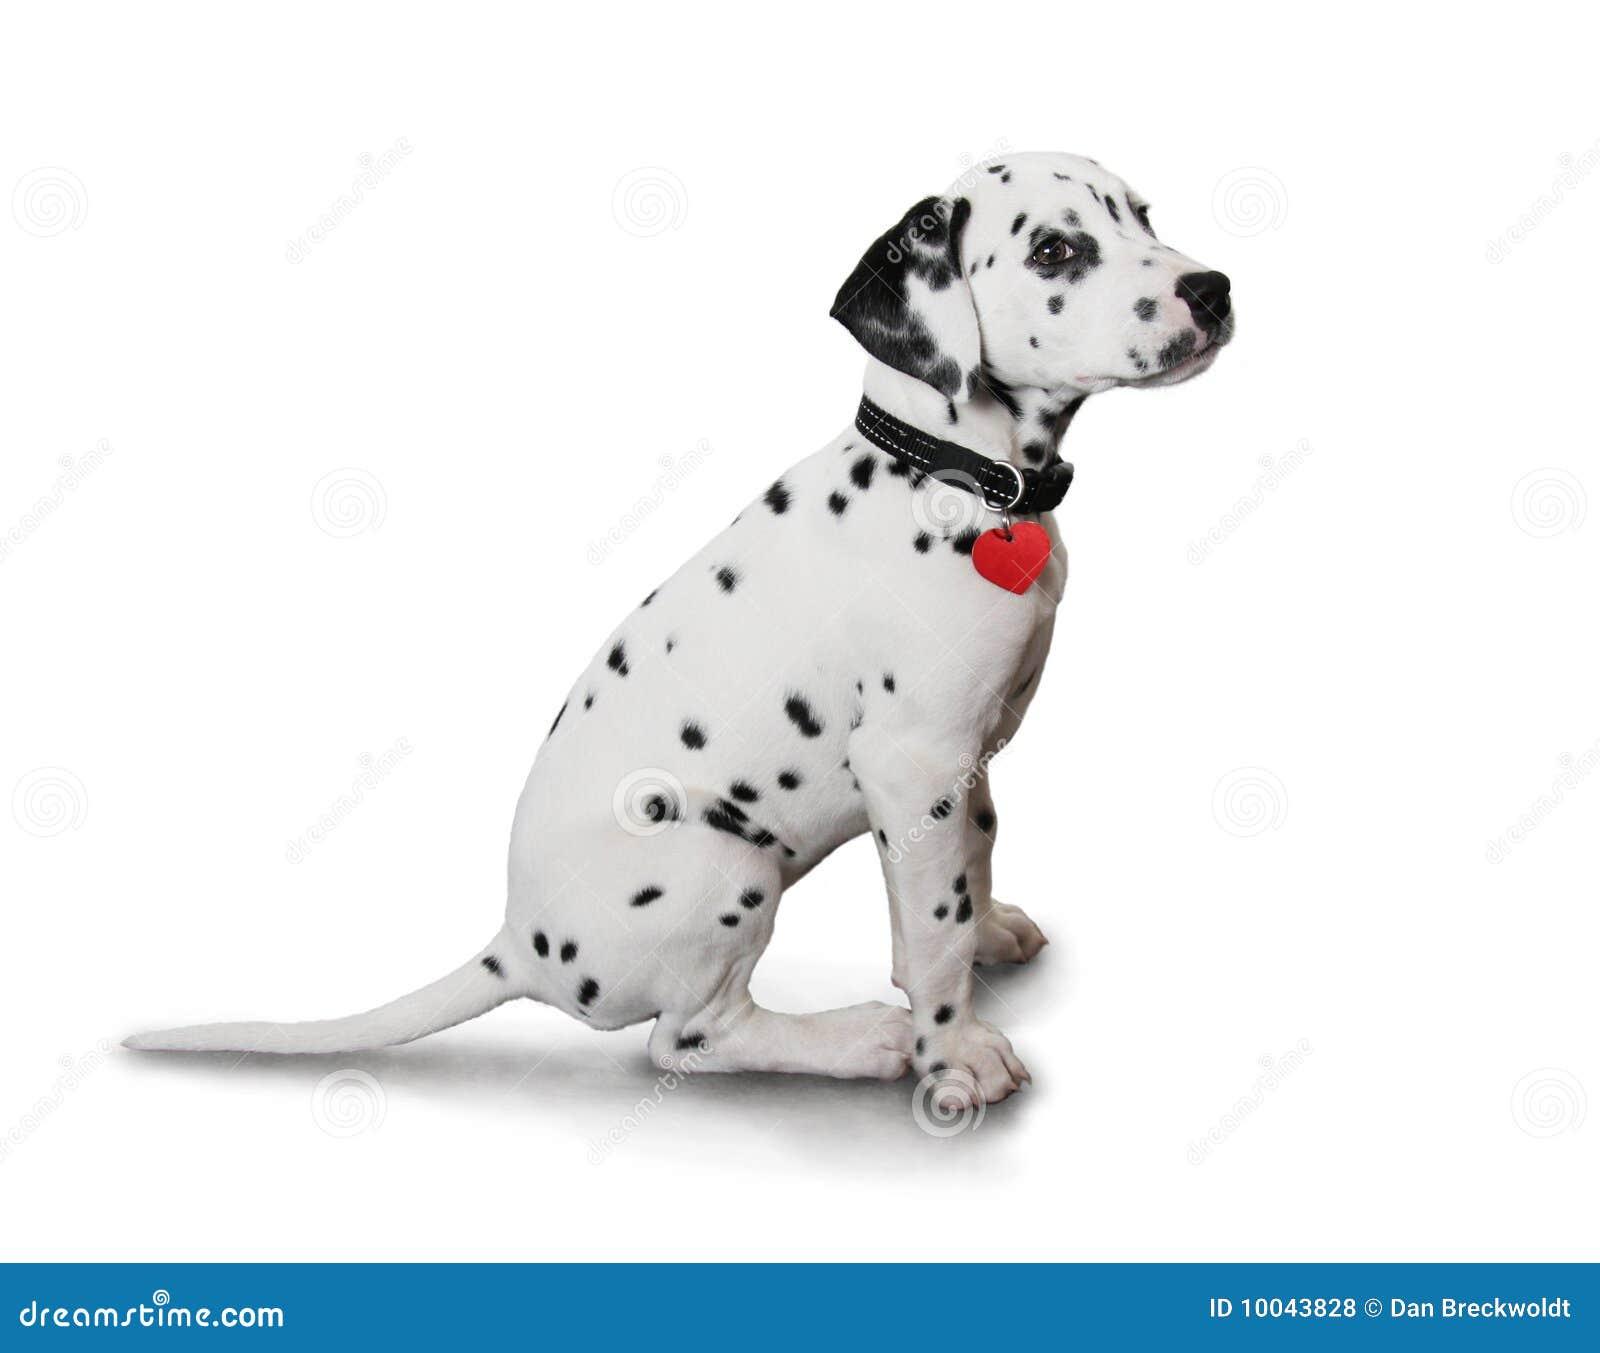 Cute Dalmatian puppy